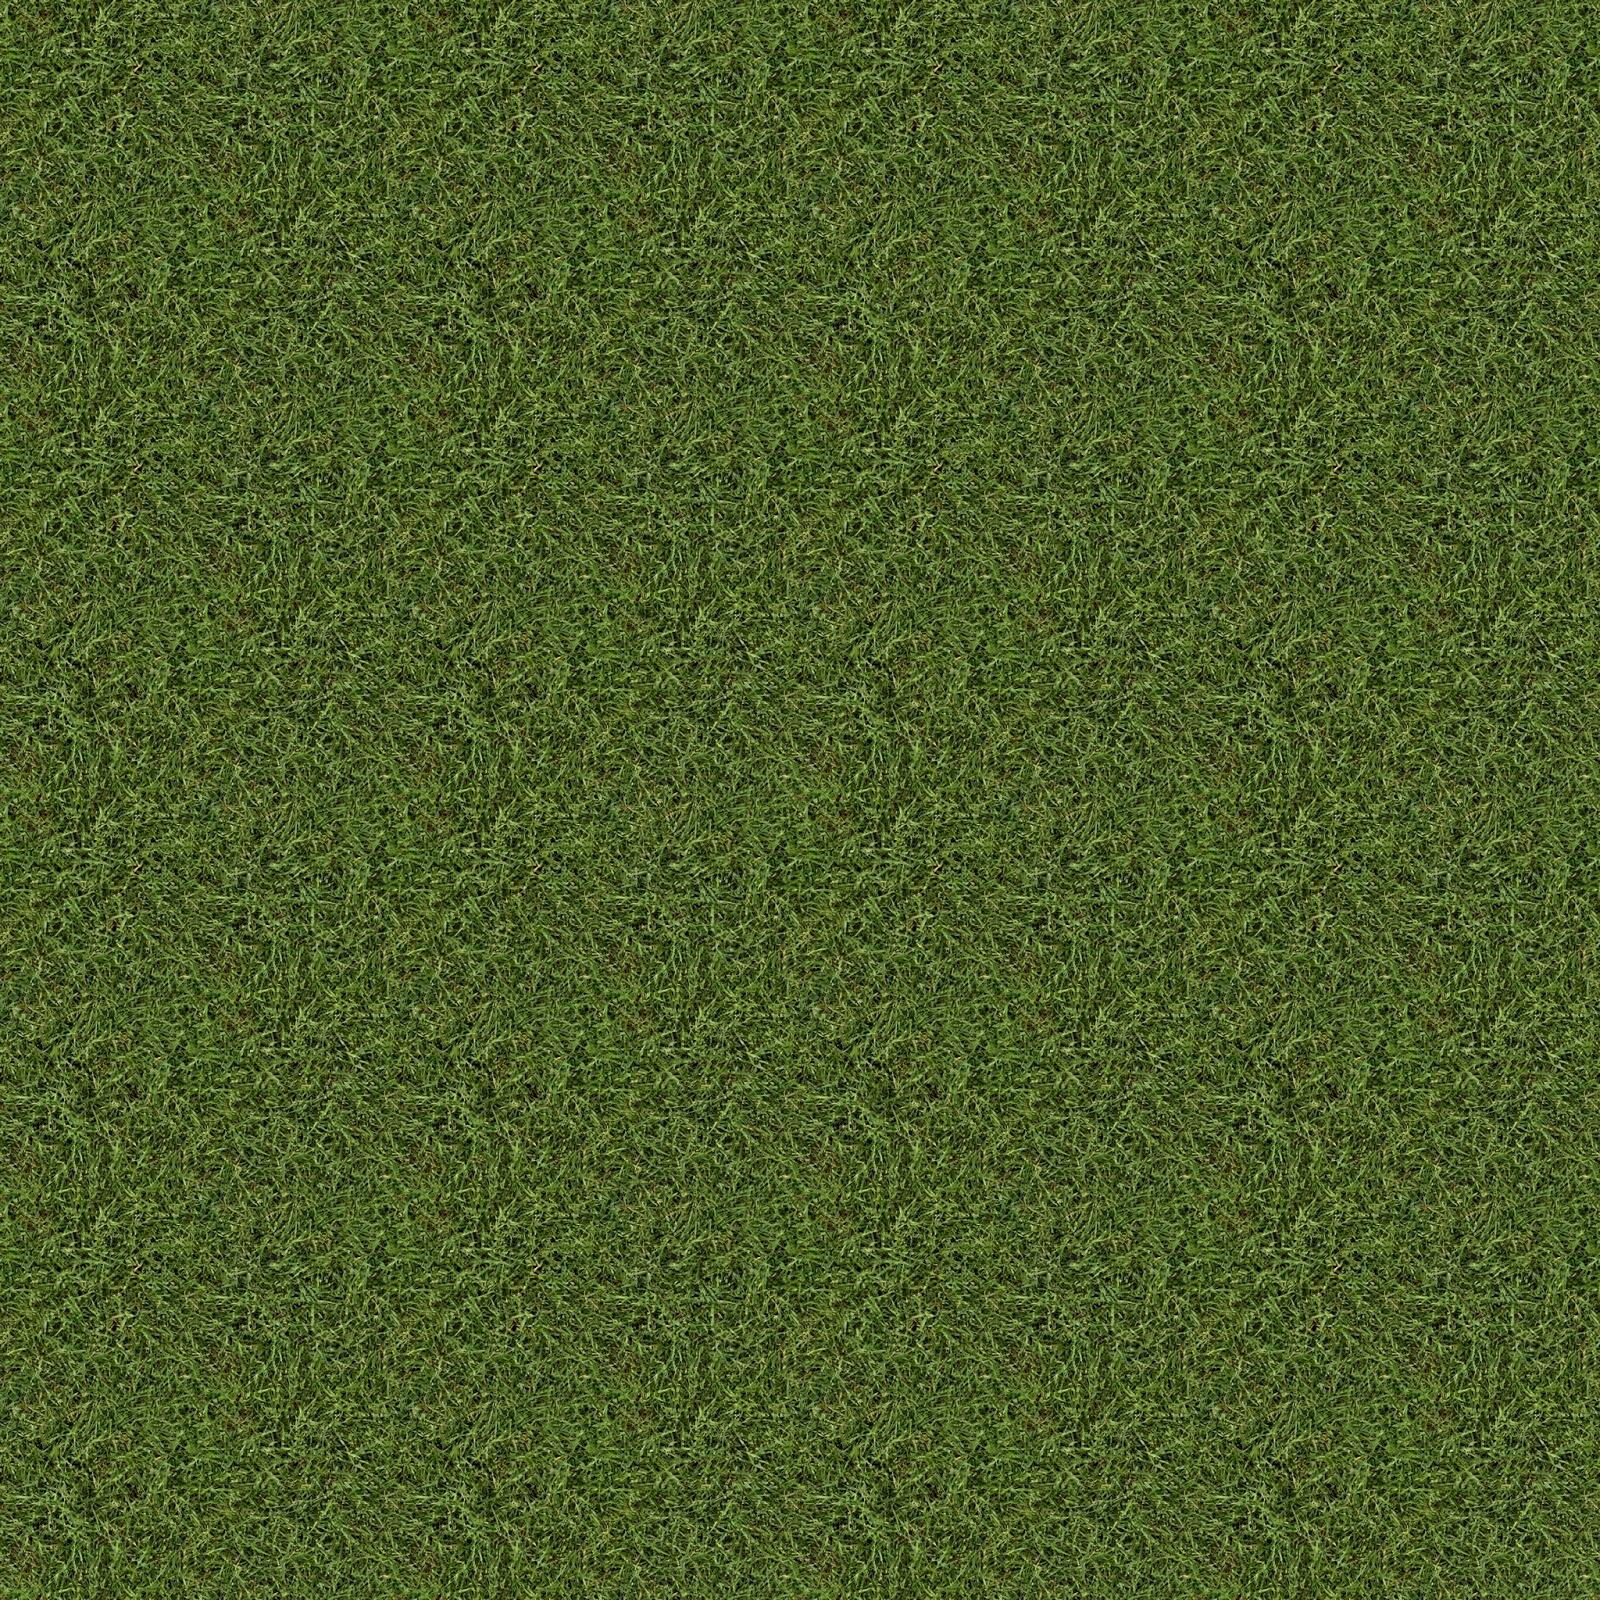 High Resolution Seamless Textures: Old Grass Texture Made Seamless